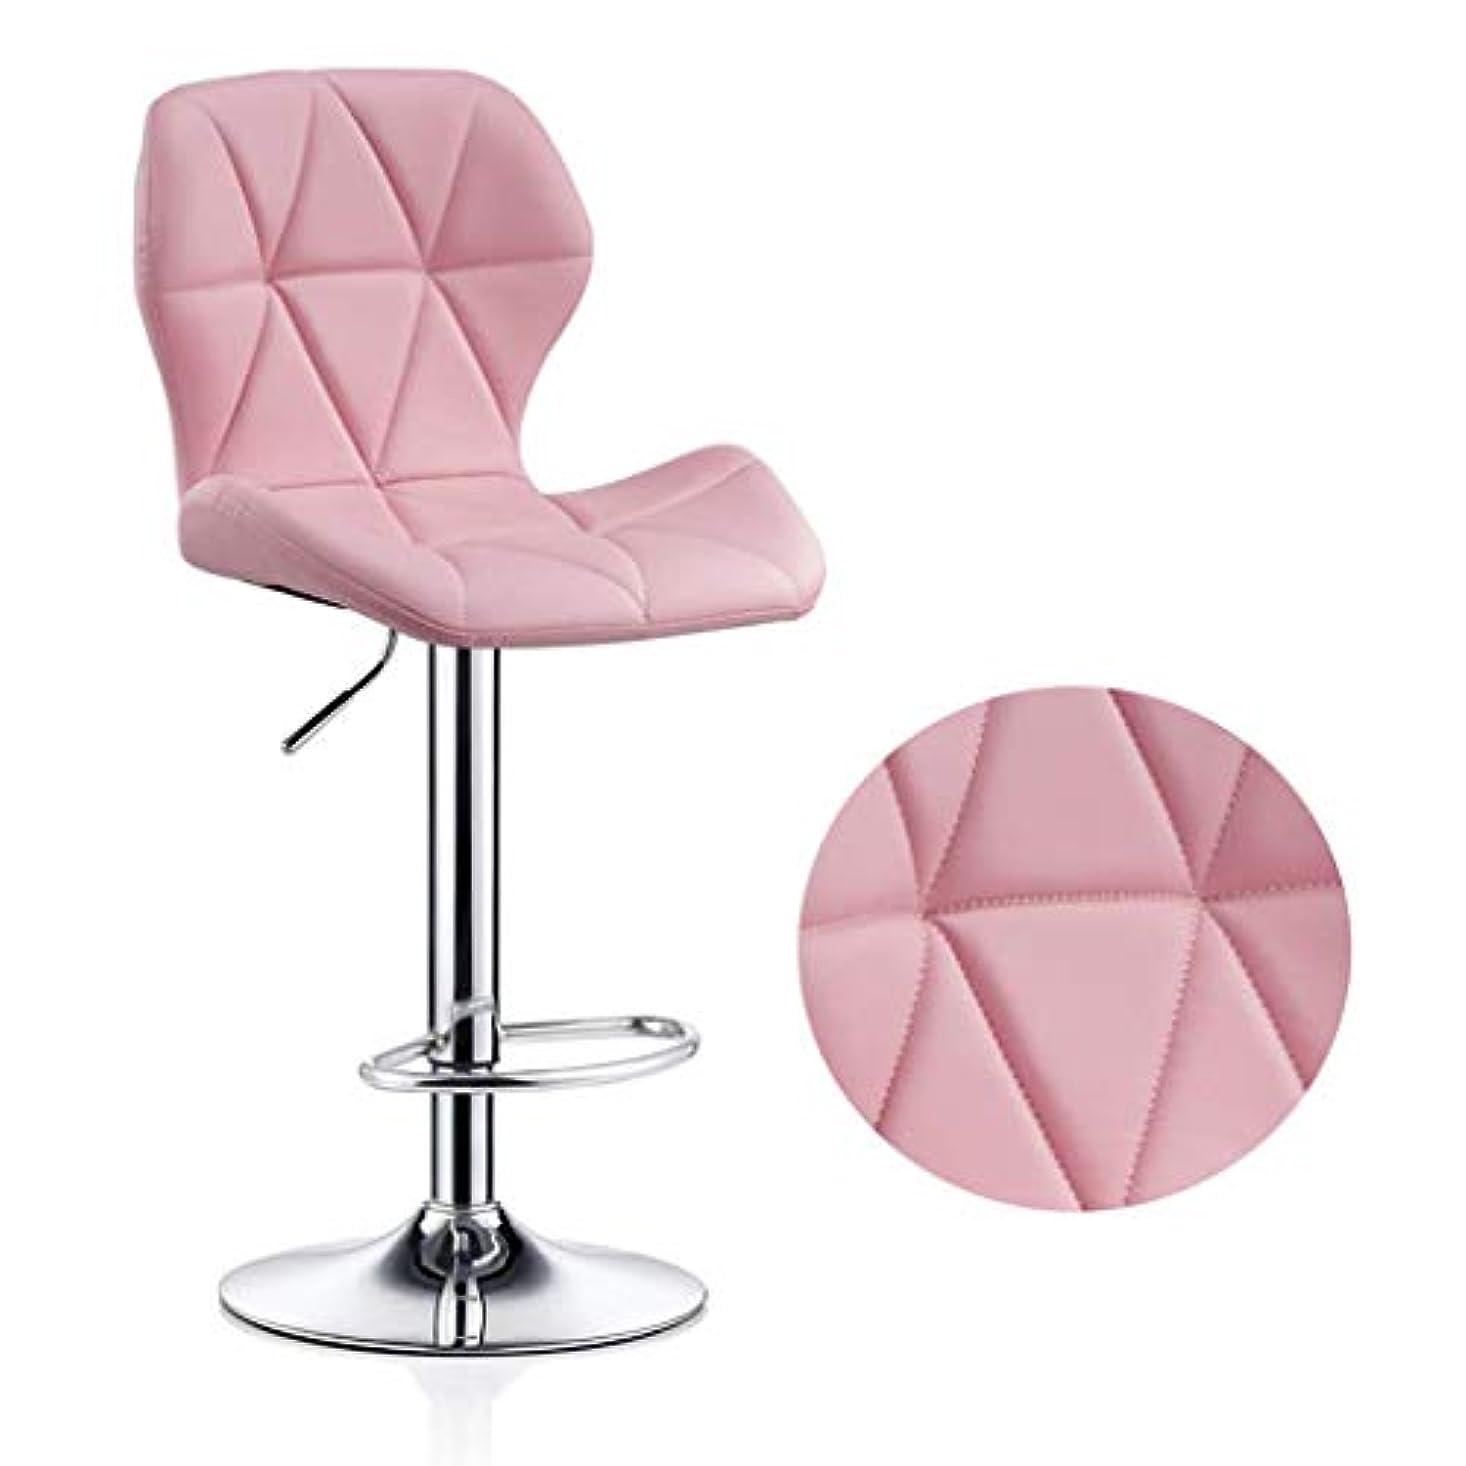 水素用心公式調節可能なスイベルバーチェアバースツールフェイクレザーキッチン朝食バースツール360°回転 Barstools 用カフェバー,Pink